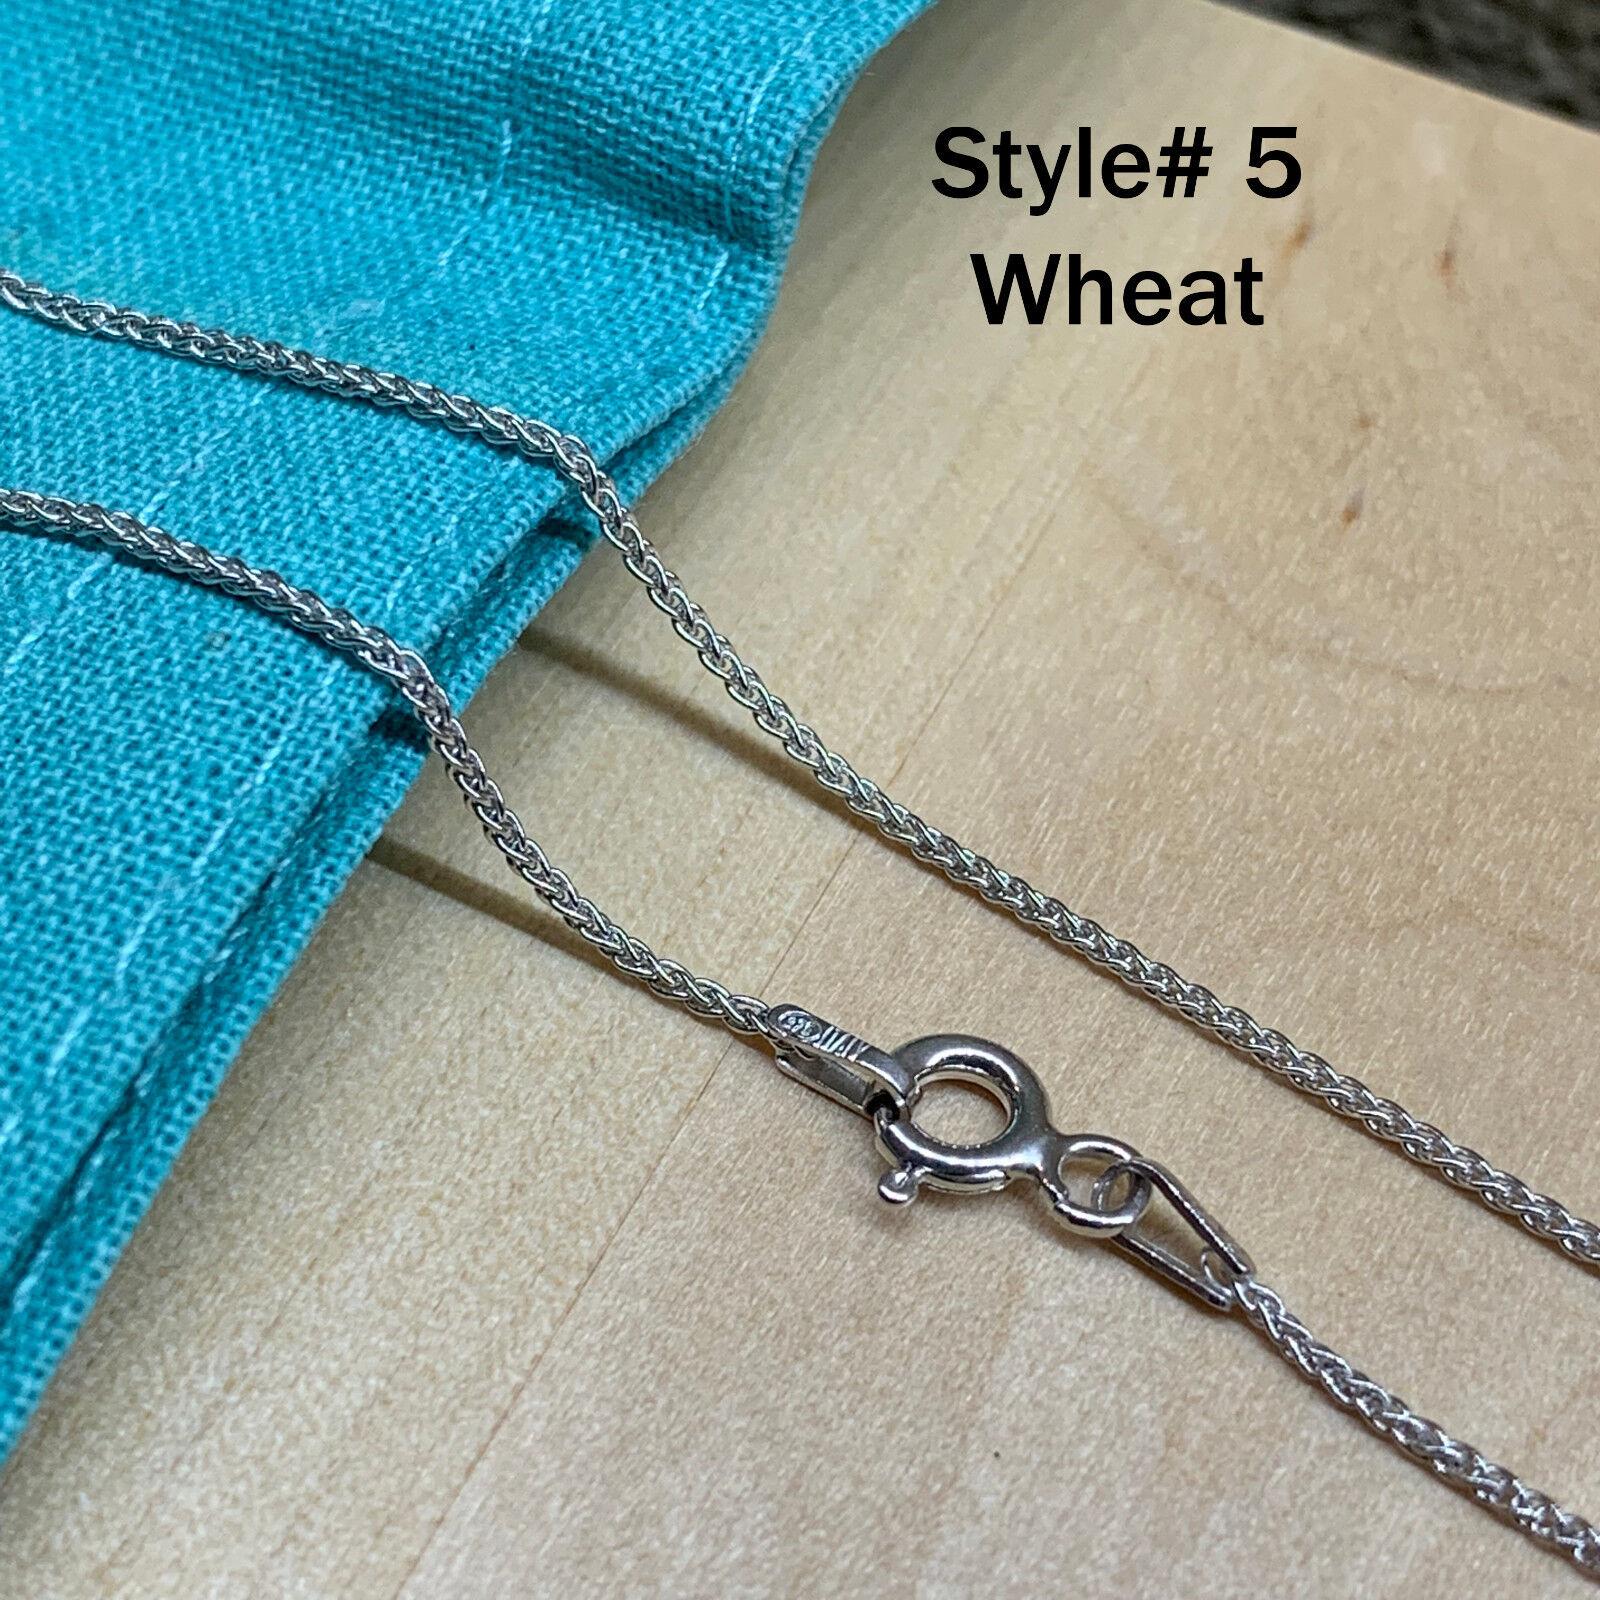 5 - Wheat